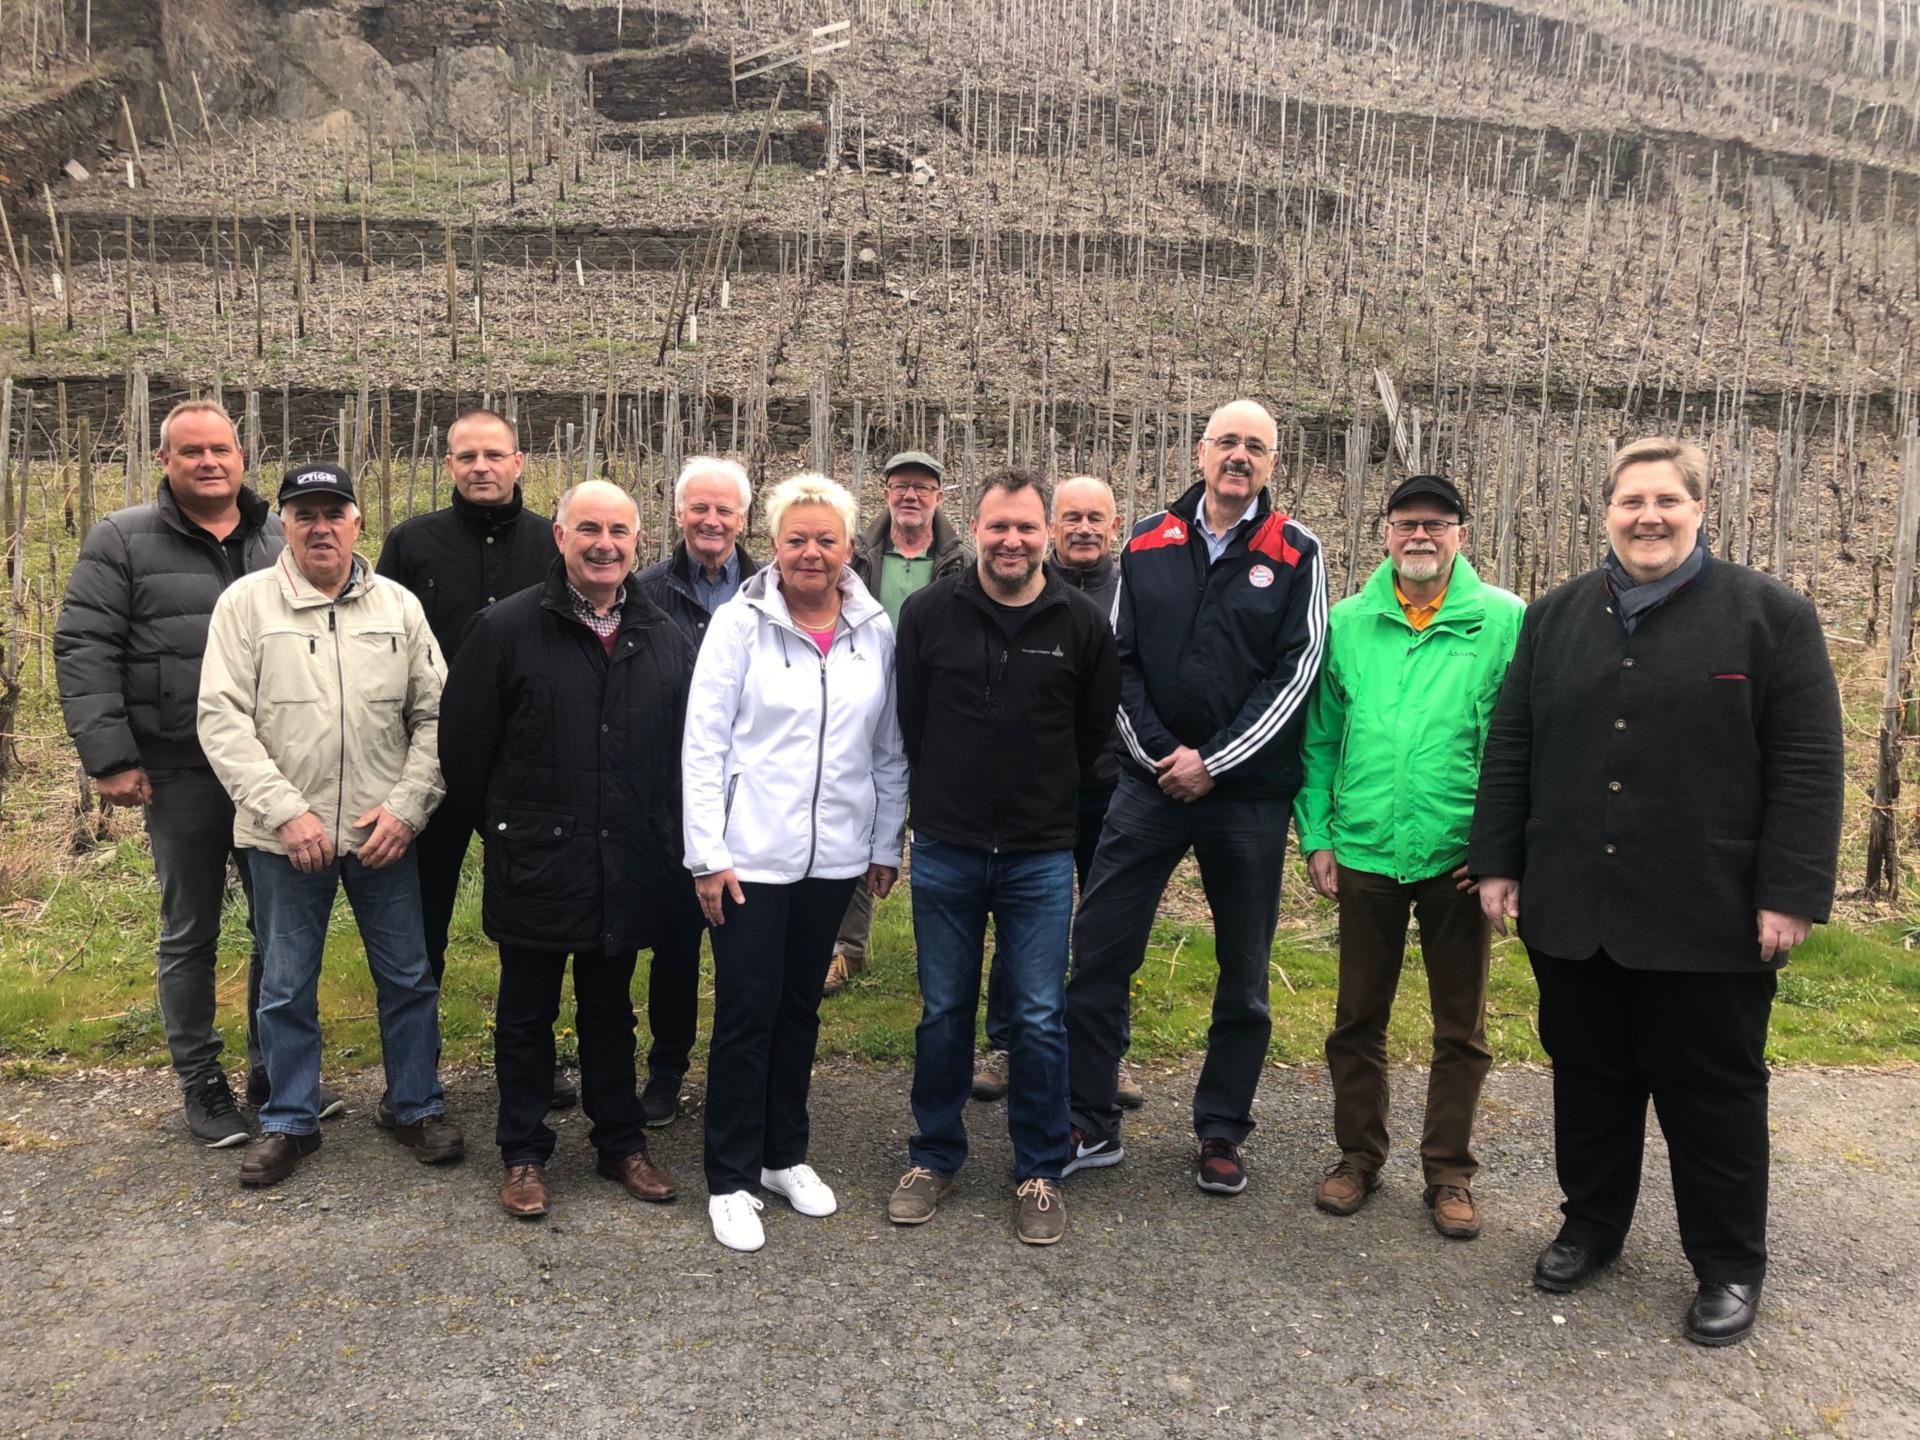 FWG Kreis Ahrweiler Mauersanierung Mayschoss 2019